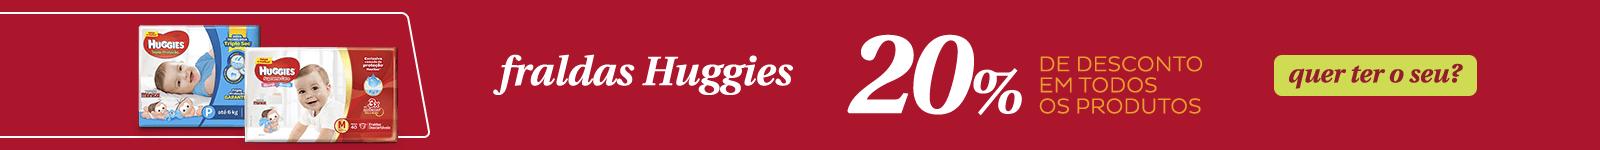 Fralda Huggies 20desc